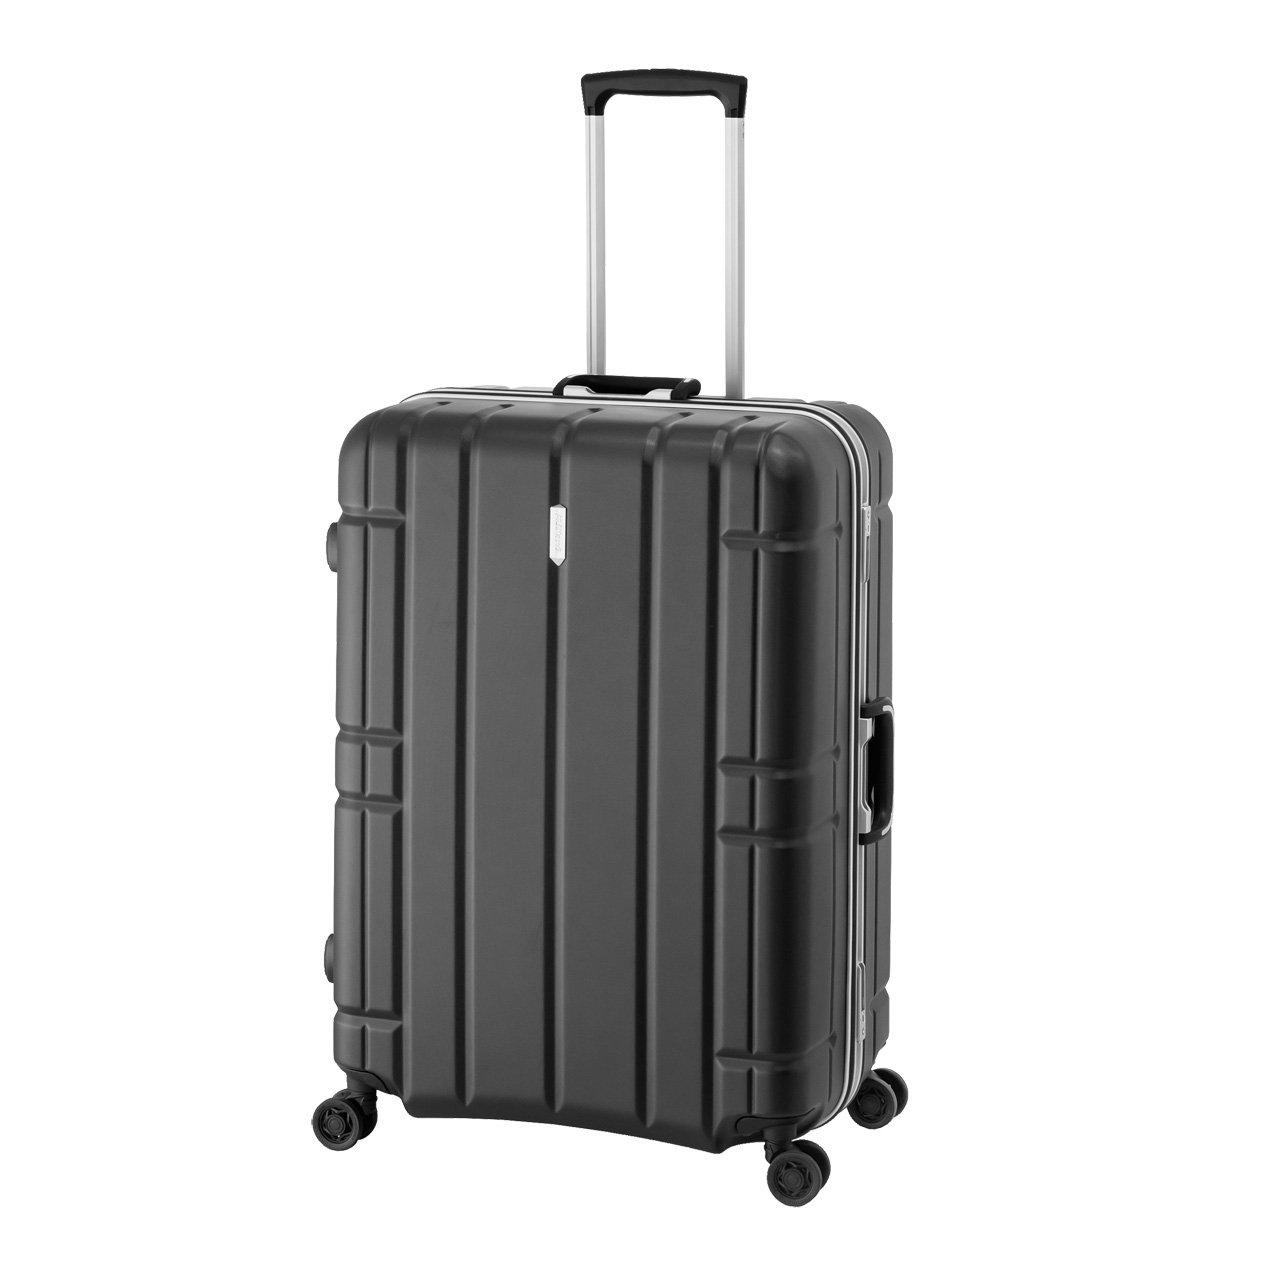 (アジアラゲージ)A.L.I アジアラゲージ MF-5017 AliMAX G 100L 大容量&軽量 スーツケース TSAロック  マットブラック B074J44YWV